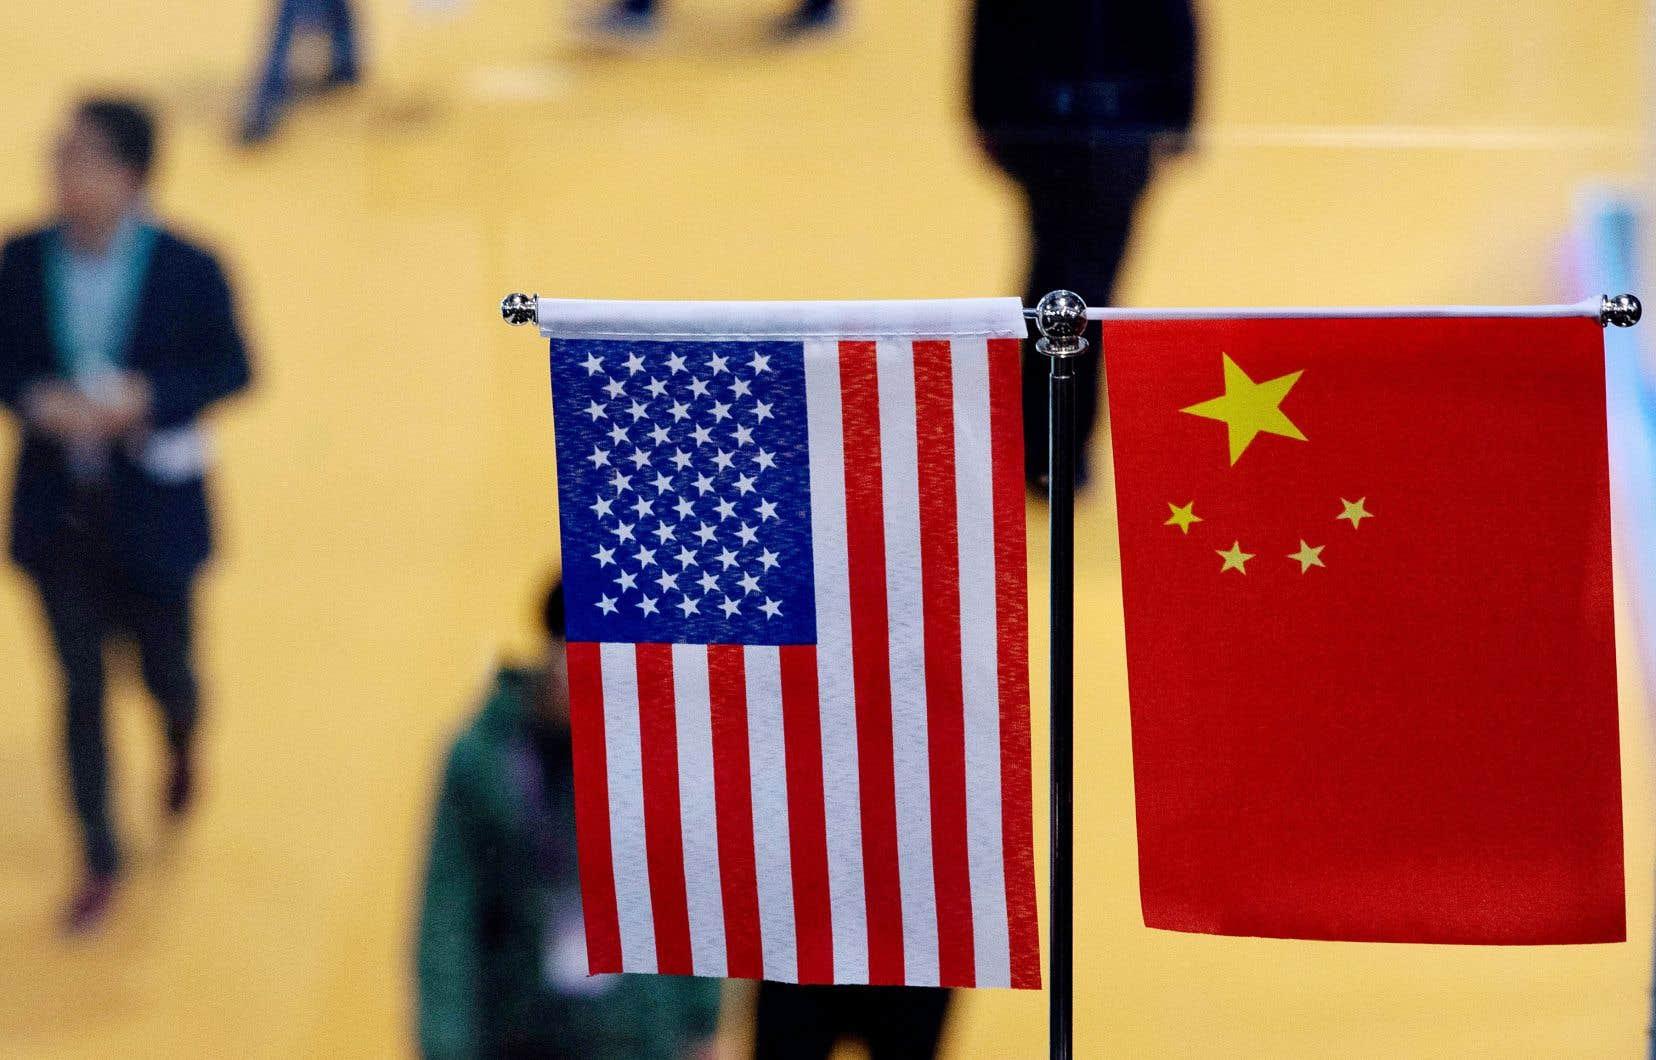 Les États-Unis accusent la Chine «de casser ses prix et d'avoir dévalué sa monnaie de 12 %» afin de contrecarrer les tarifs douaniers.